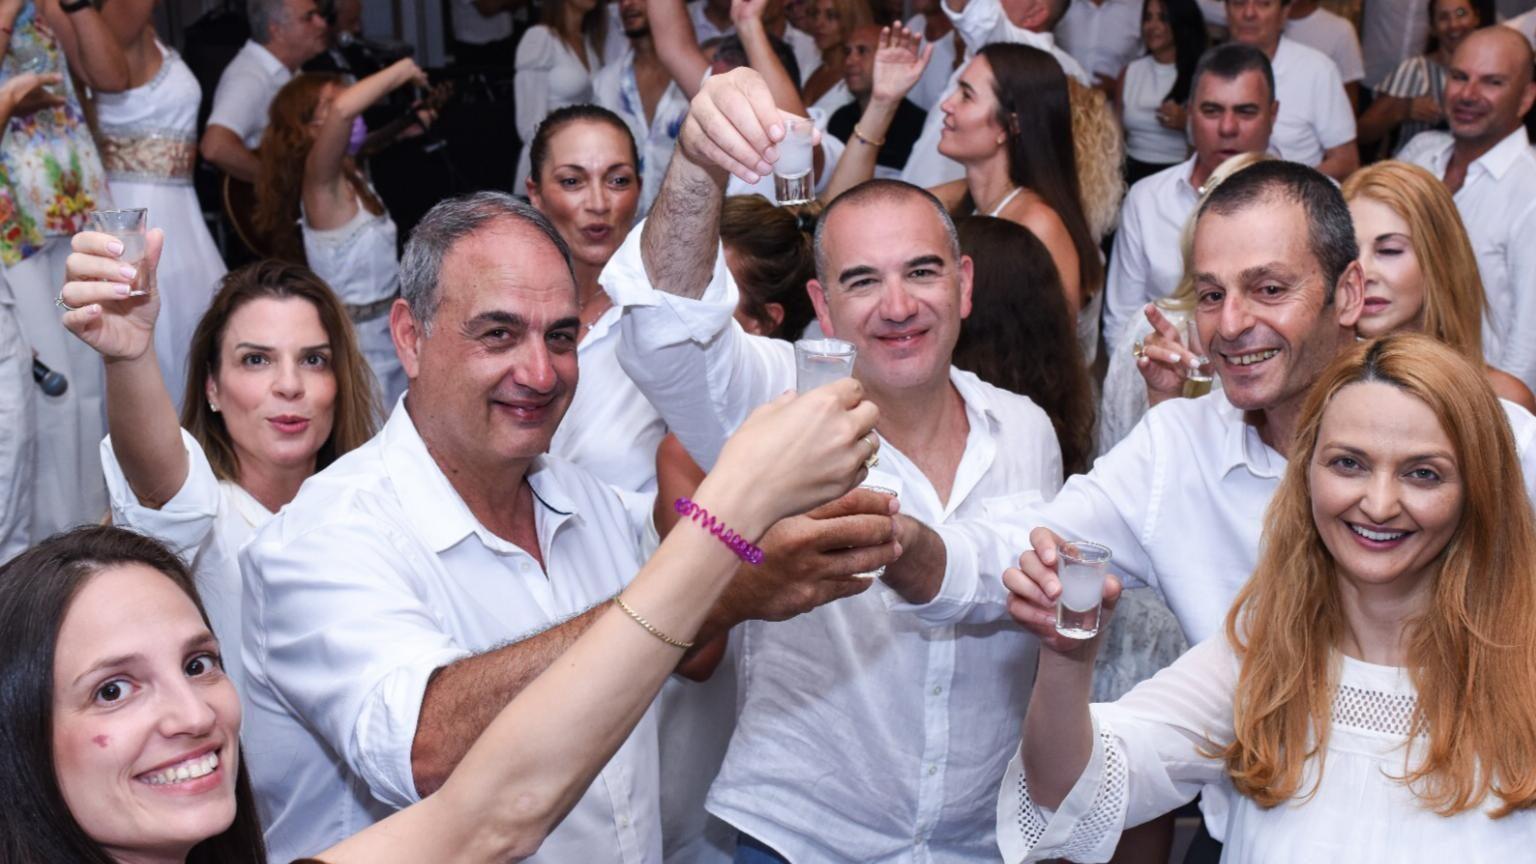 שלמה הטיסה את מועדון 100 הסוכנים המצטיינים ובנות זוגם לפאפוס, קפריסין